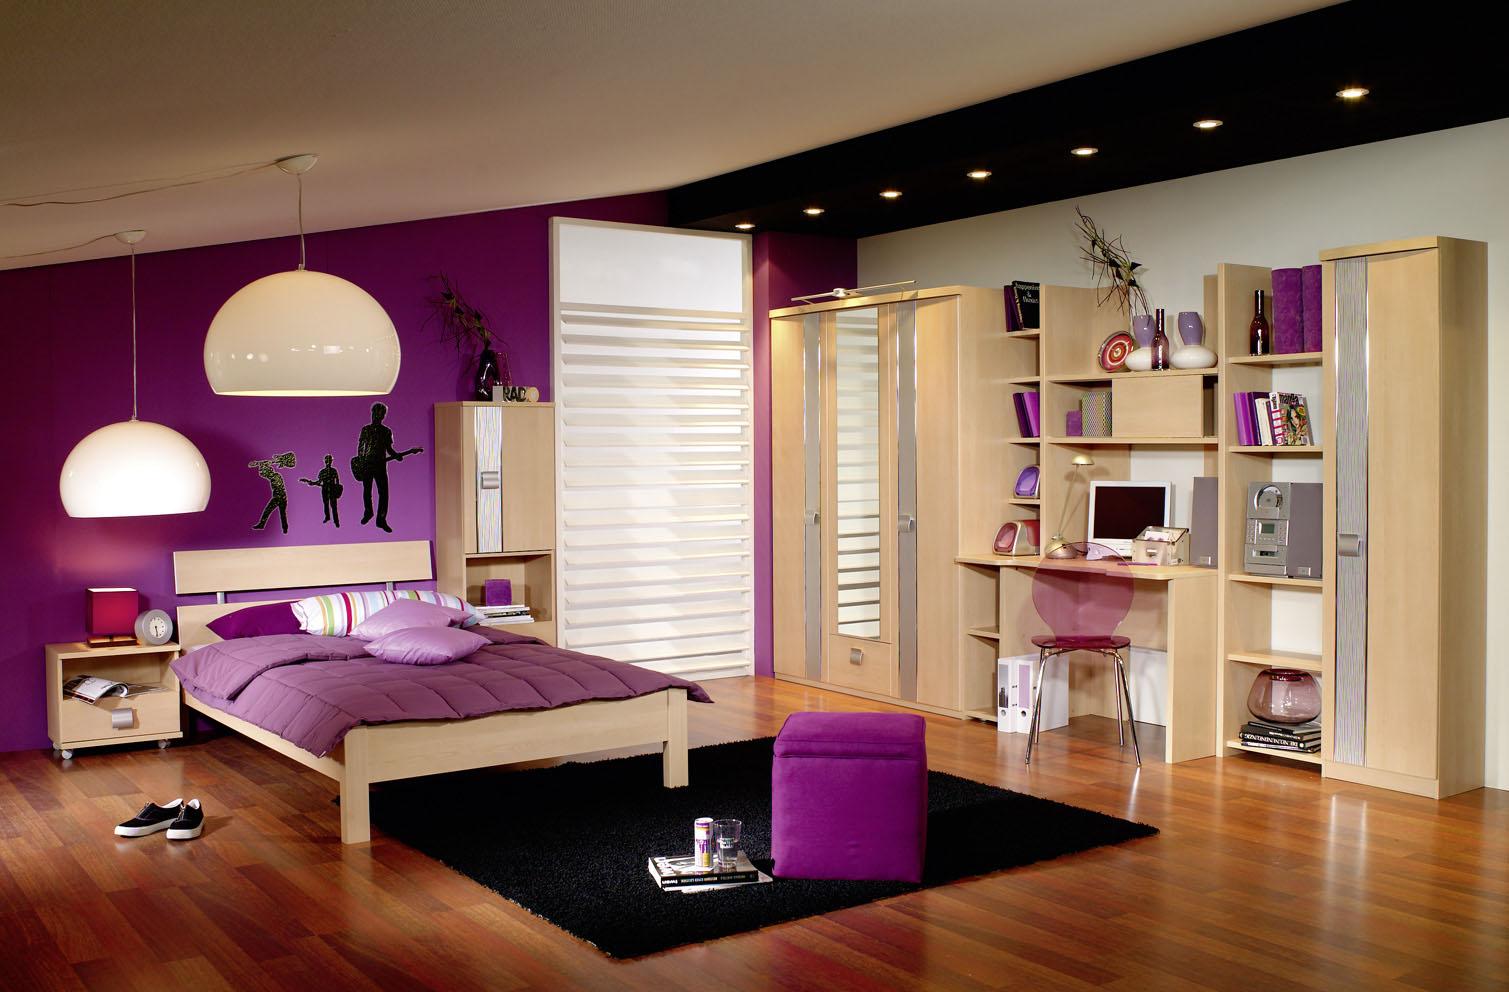 Habitaciones con estilo dormitorios morados para j venes for Cuartos de ninas vonitas